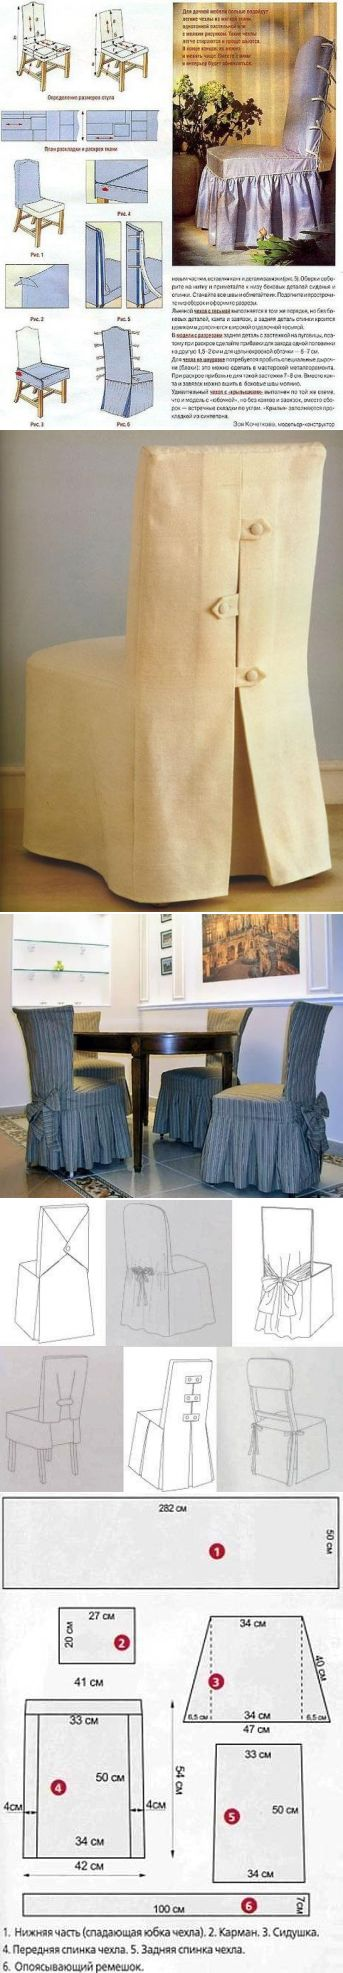 Interior, hogar, jardín, casa: Cubiertas de la silla con sus propias manos